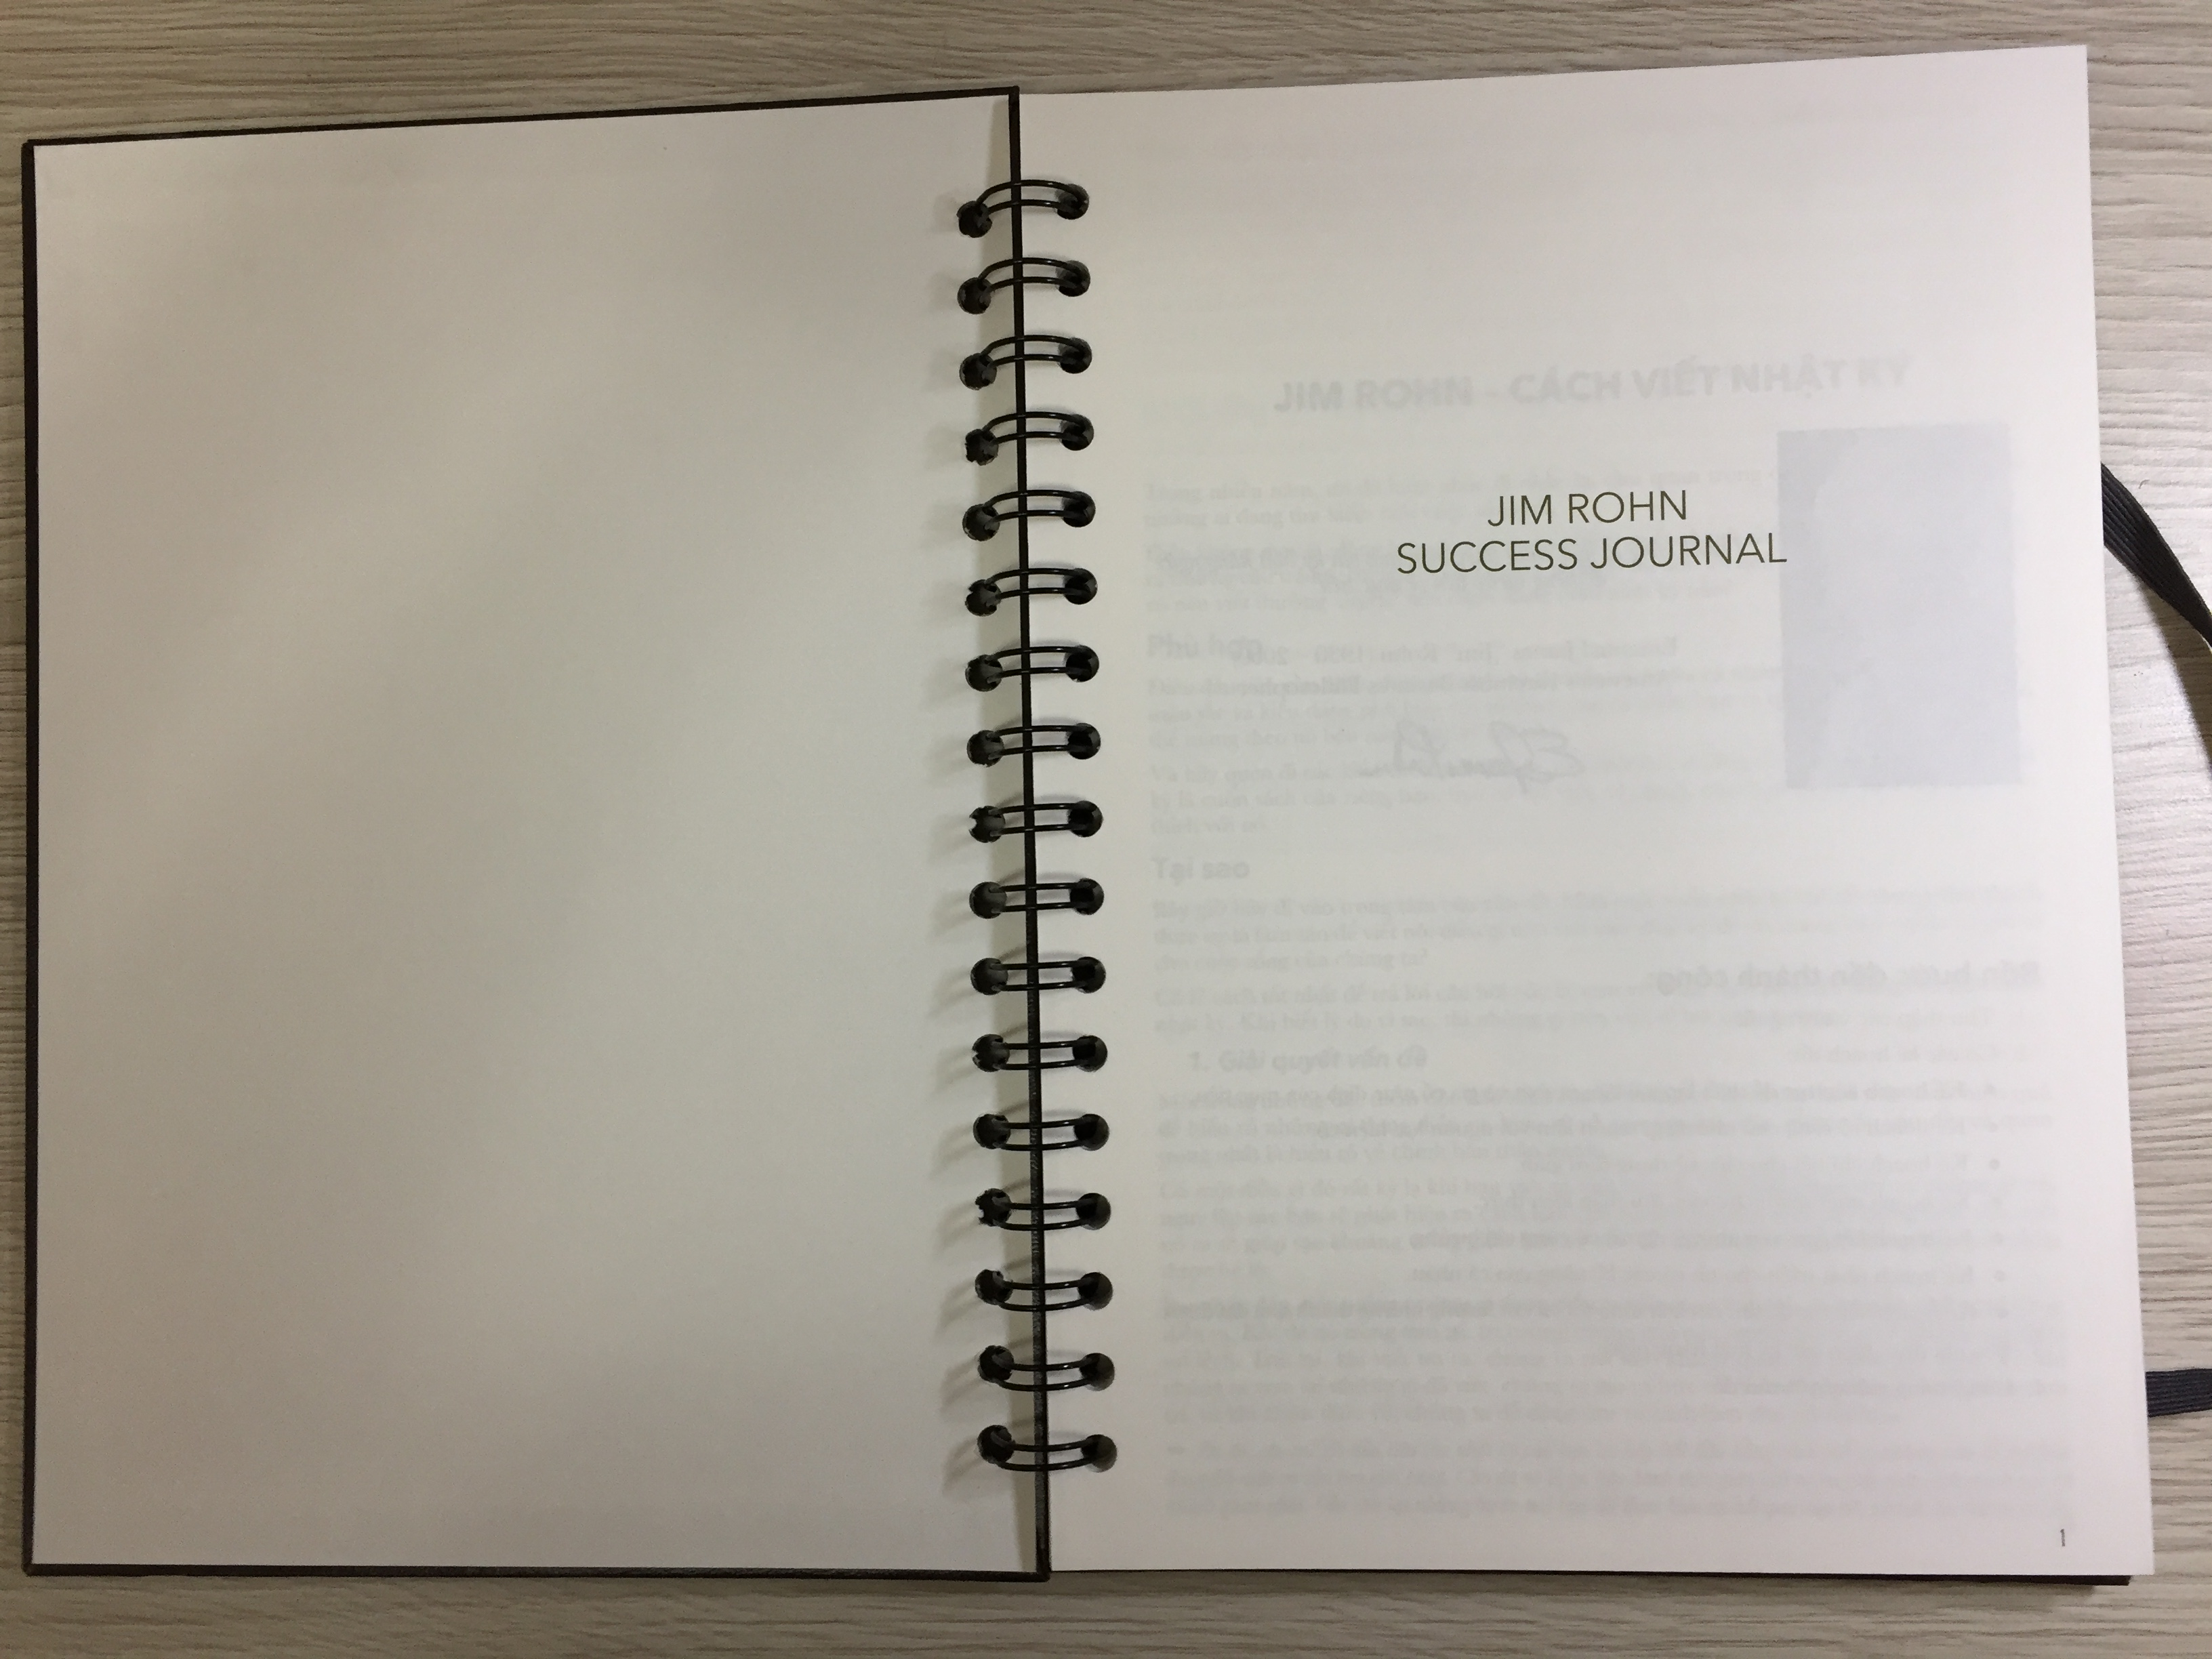 Jim Rohn - Nhật ký thành công - trang đầu